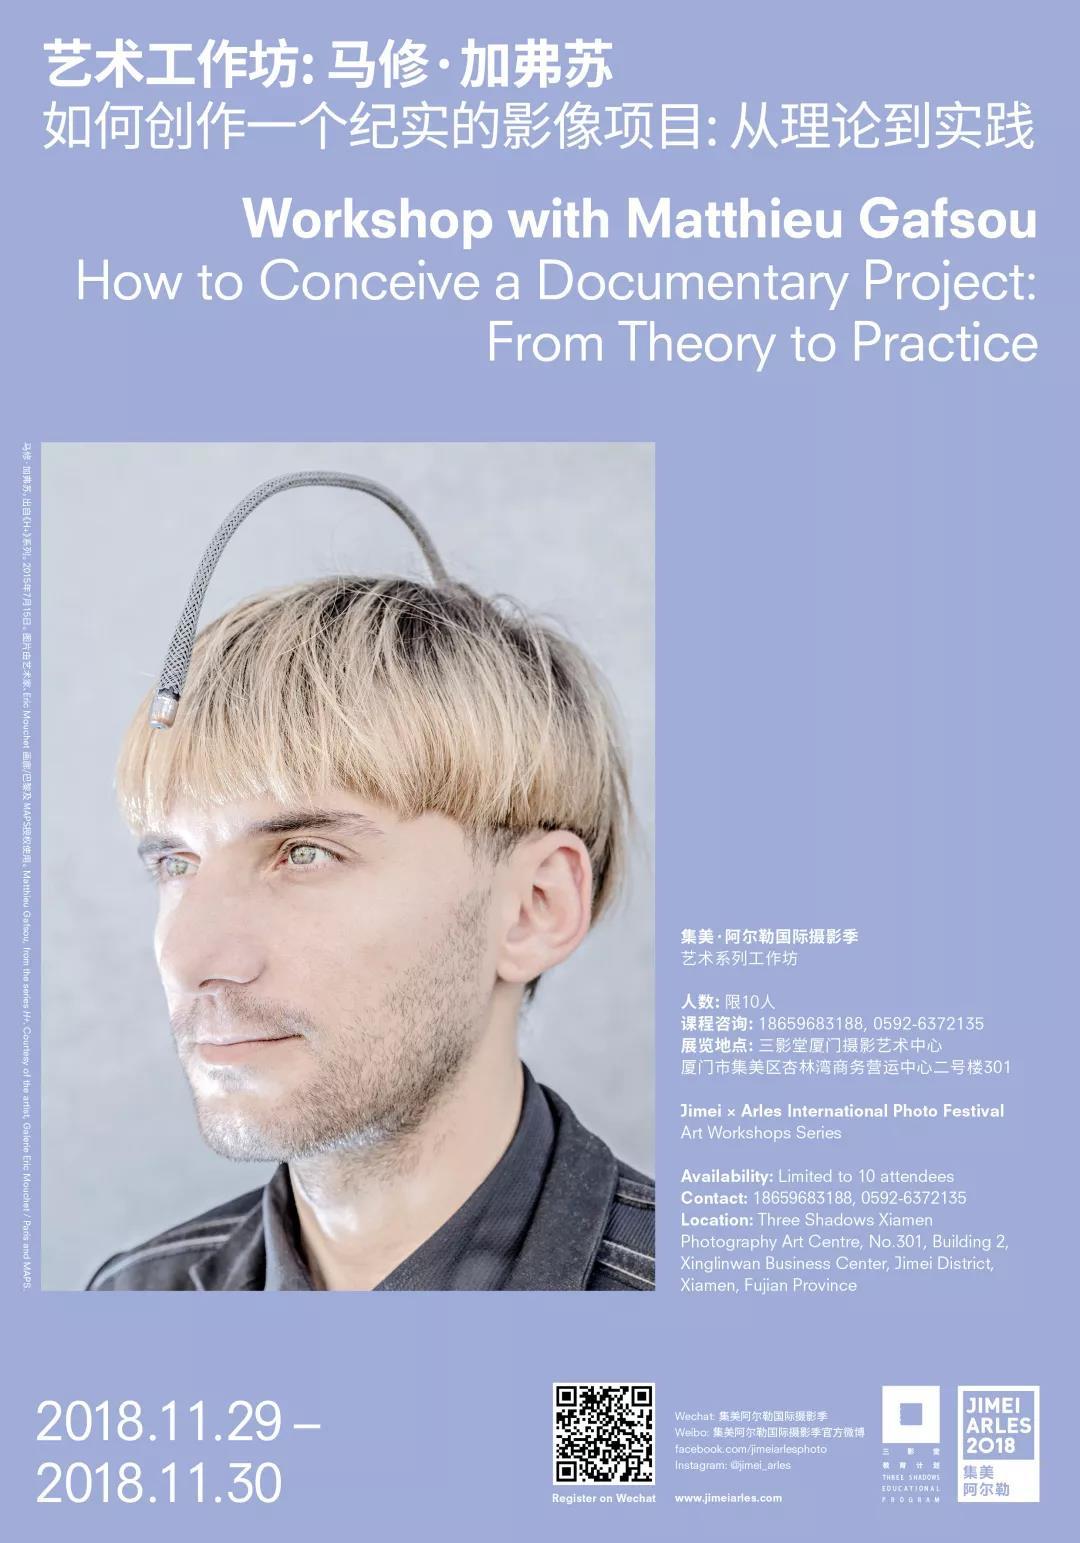 马修•加弗苏工作坊:如何创作一个纪实的影像项目 | 集美·阿尔勒国际摄影季